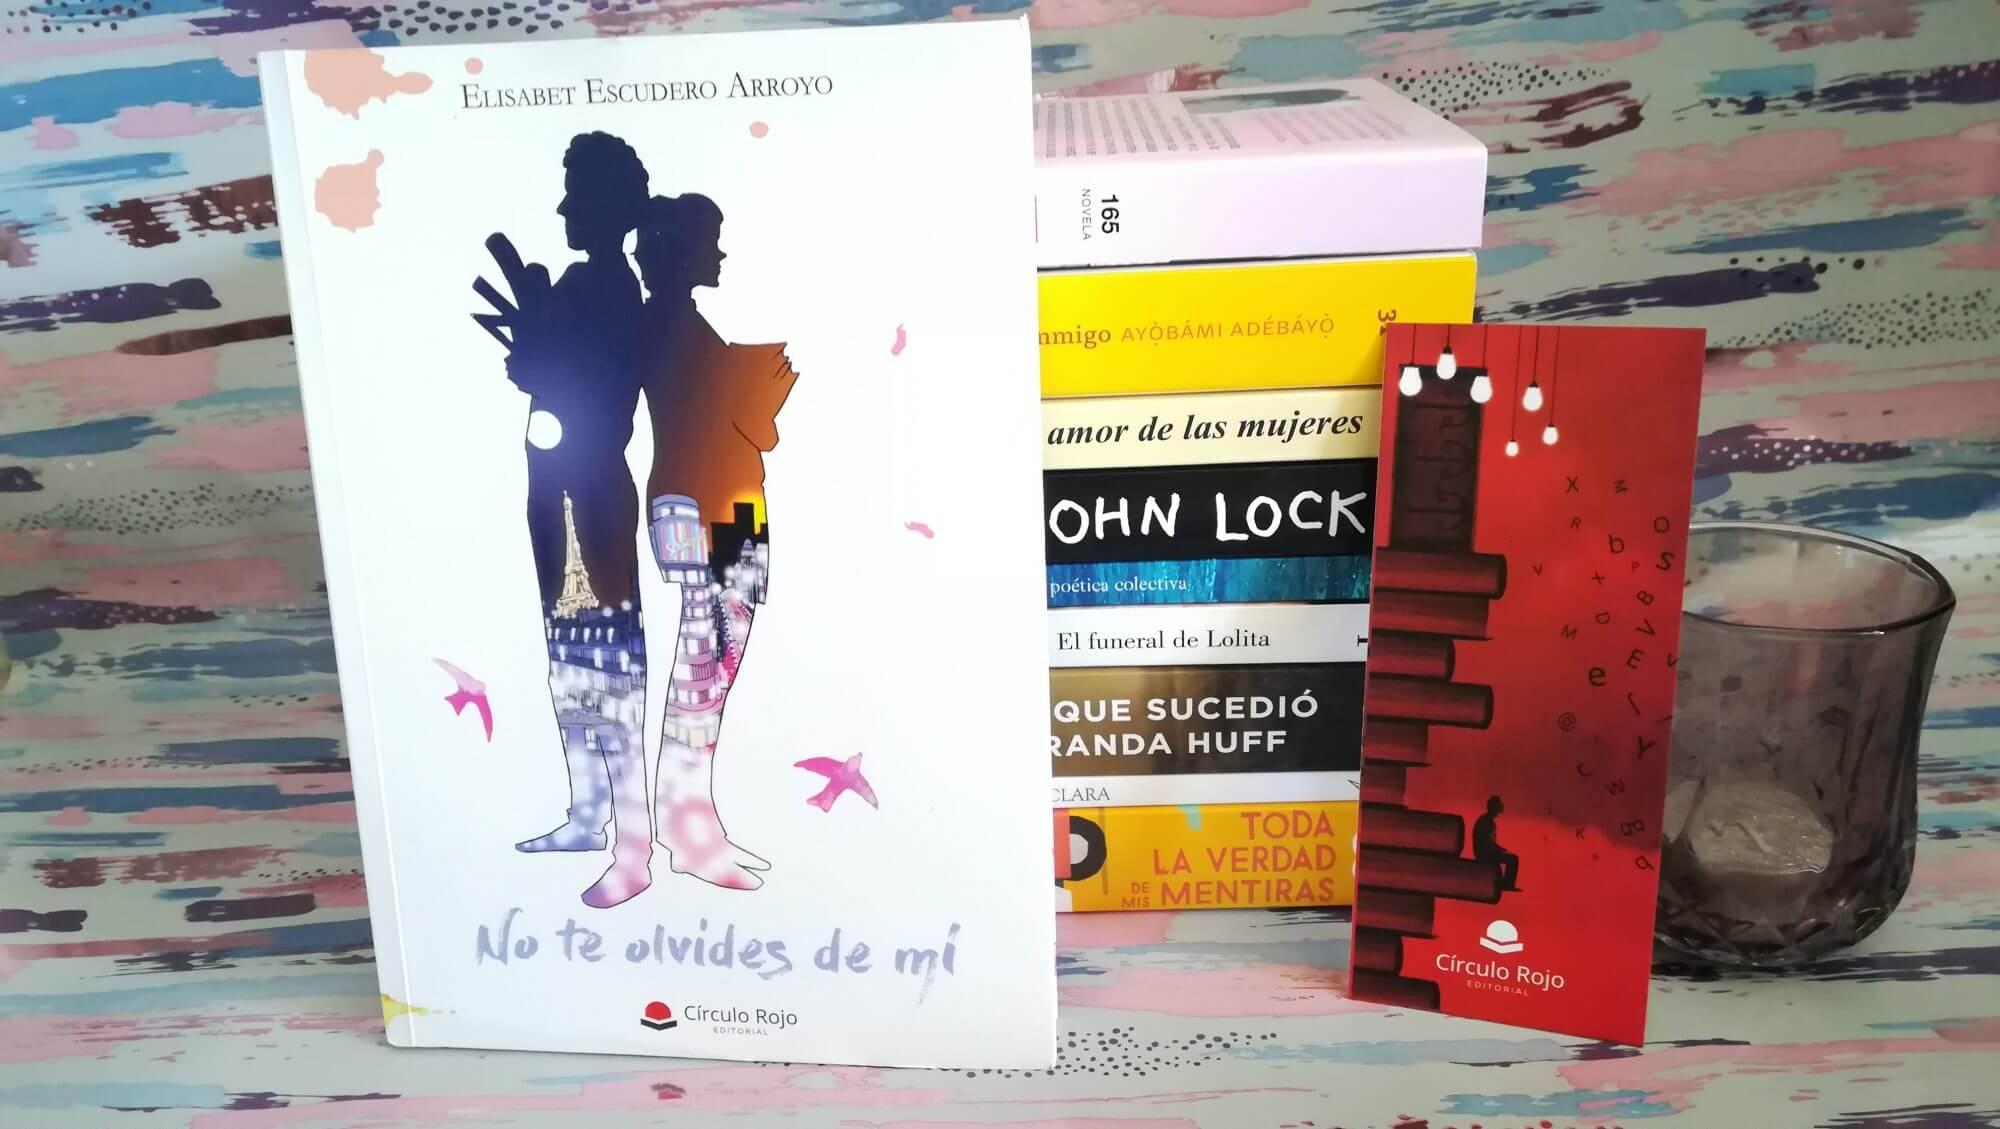 No te olvides de mí – Elísabet Escudero Arroyo